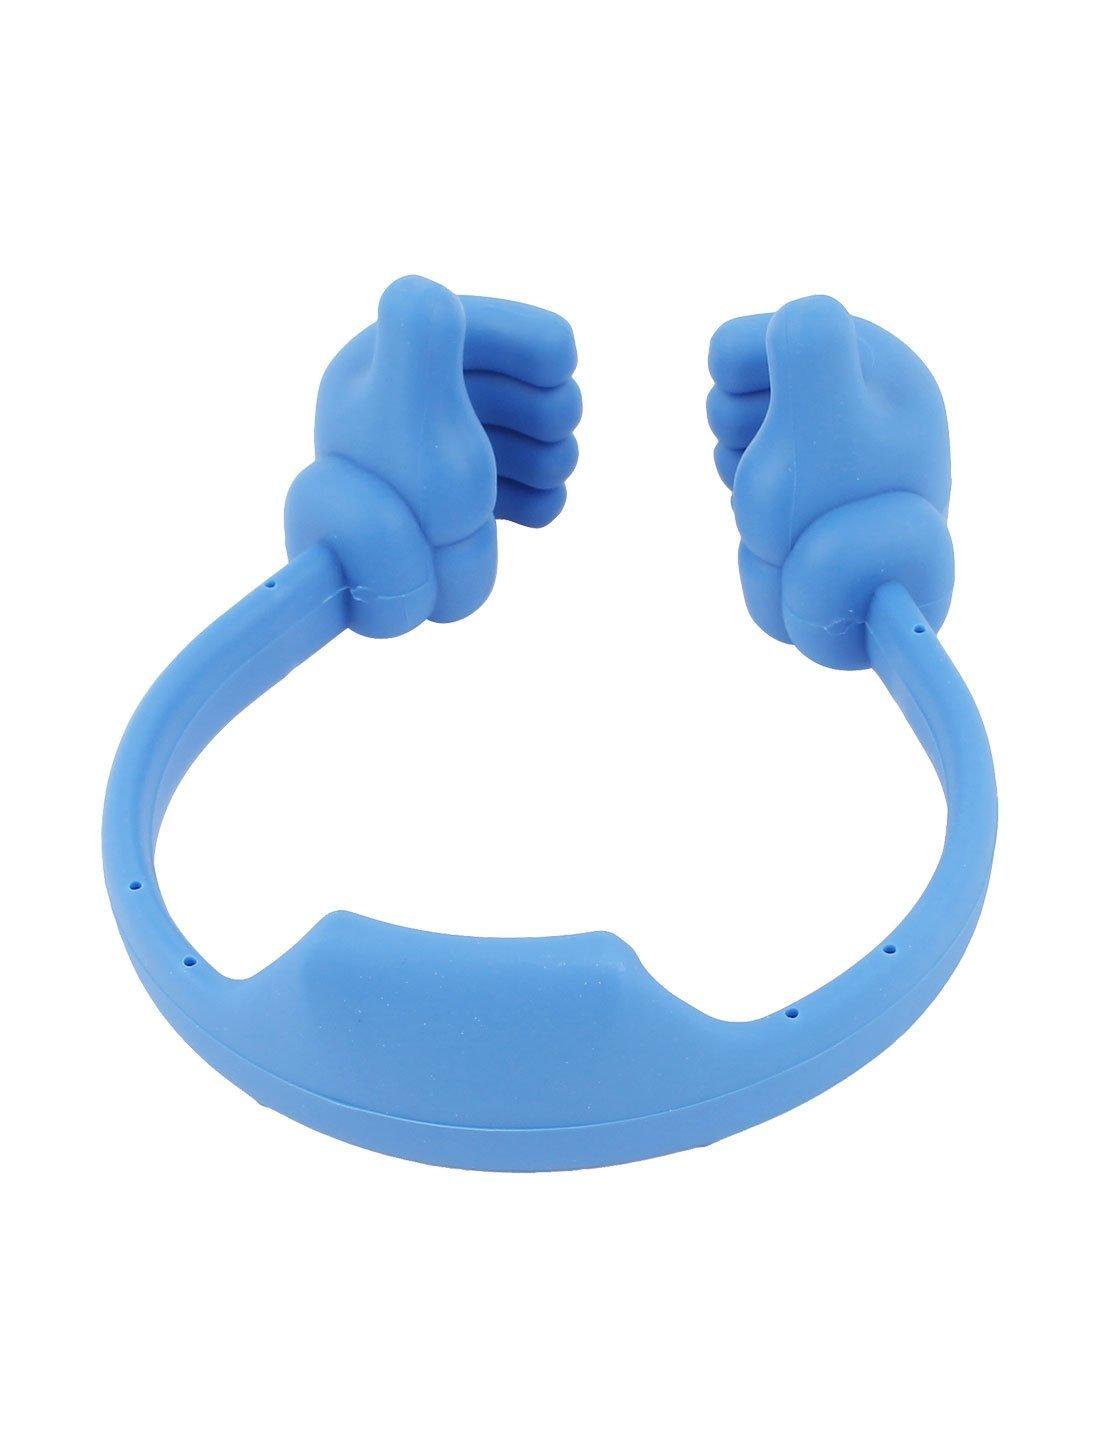 Amazon.com: Azul sostenedor del soporte del soporte del pulgar Linda montaje Para la tableta del teléfono celular: Electronics